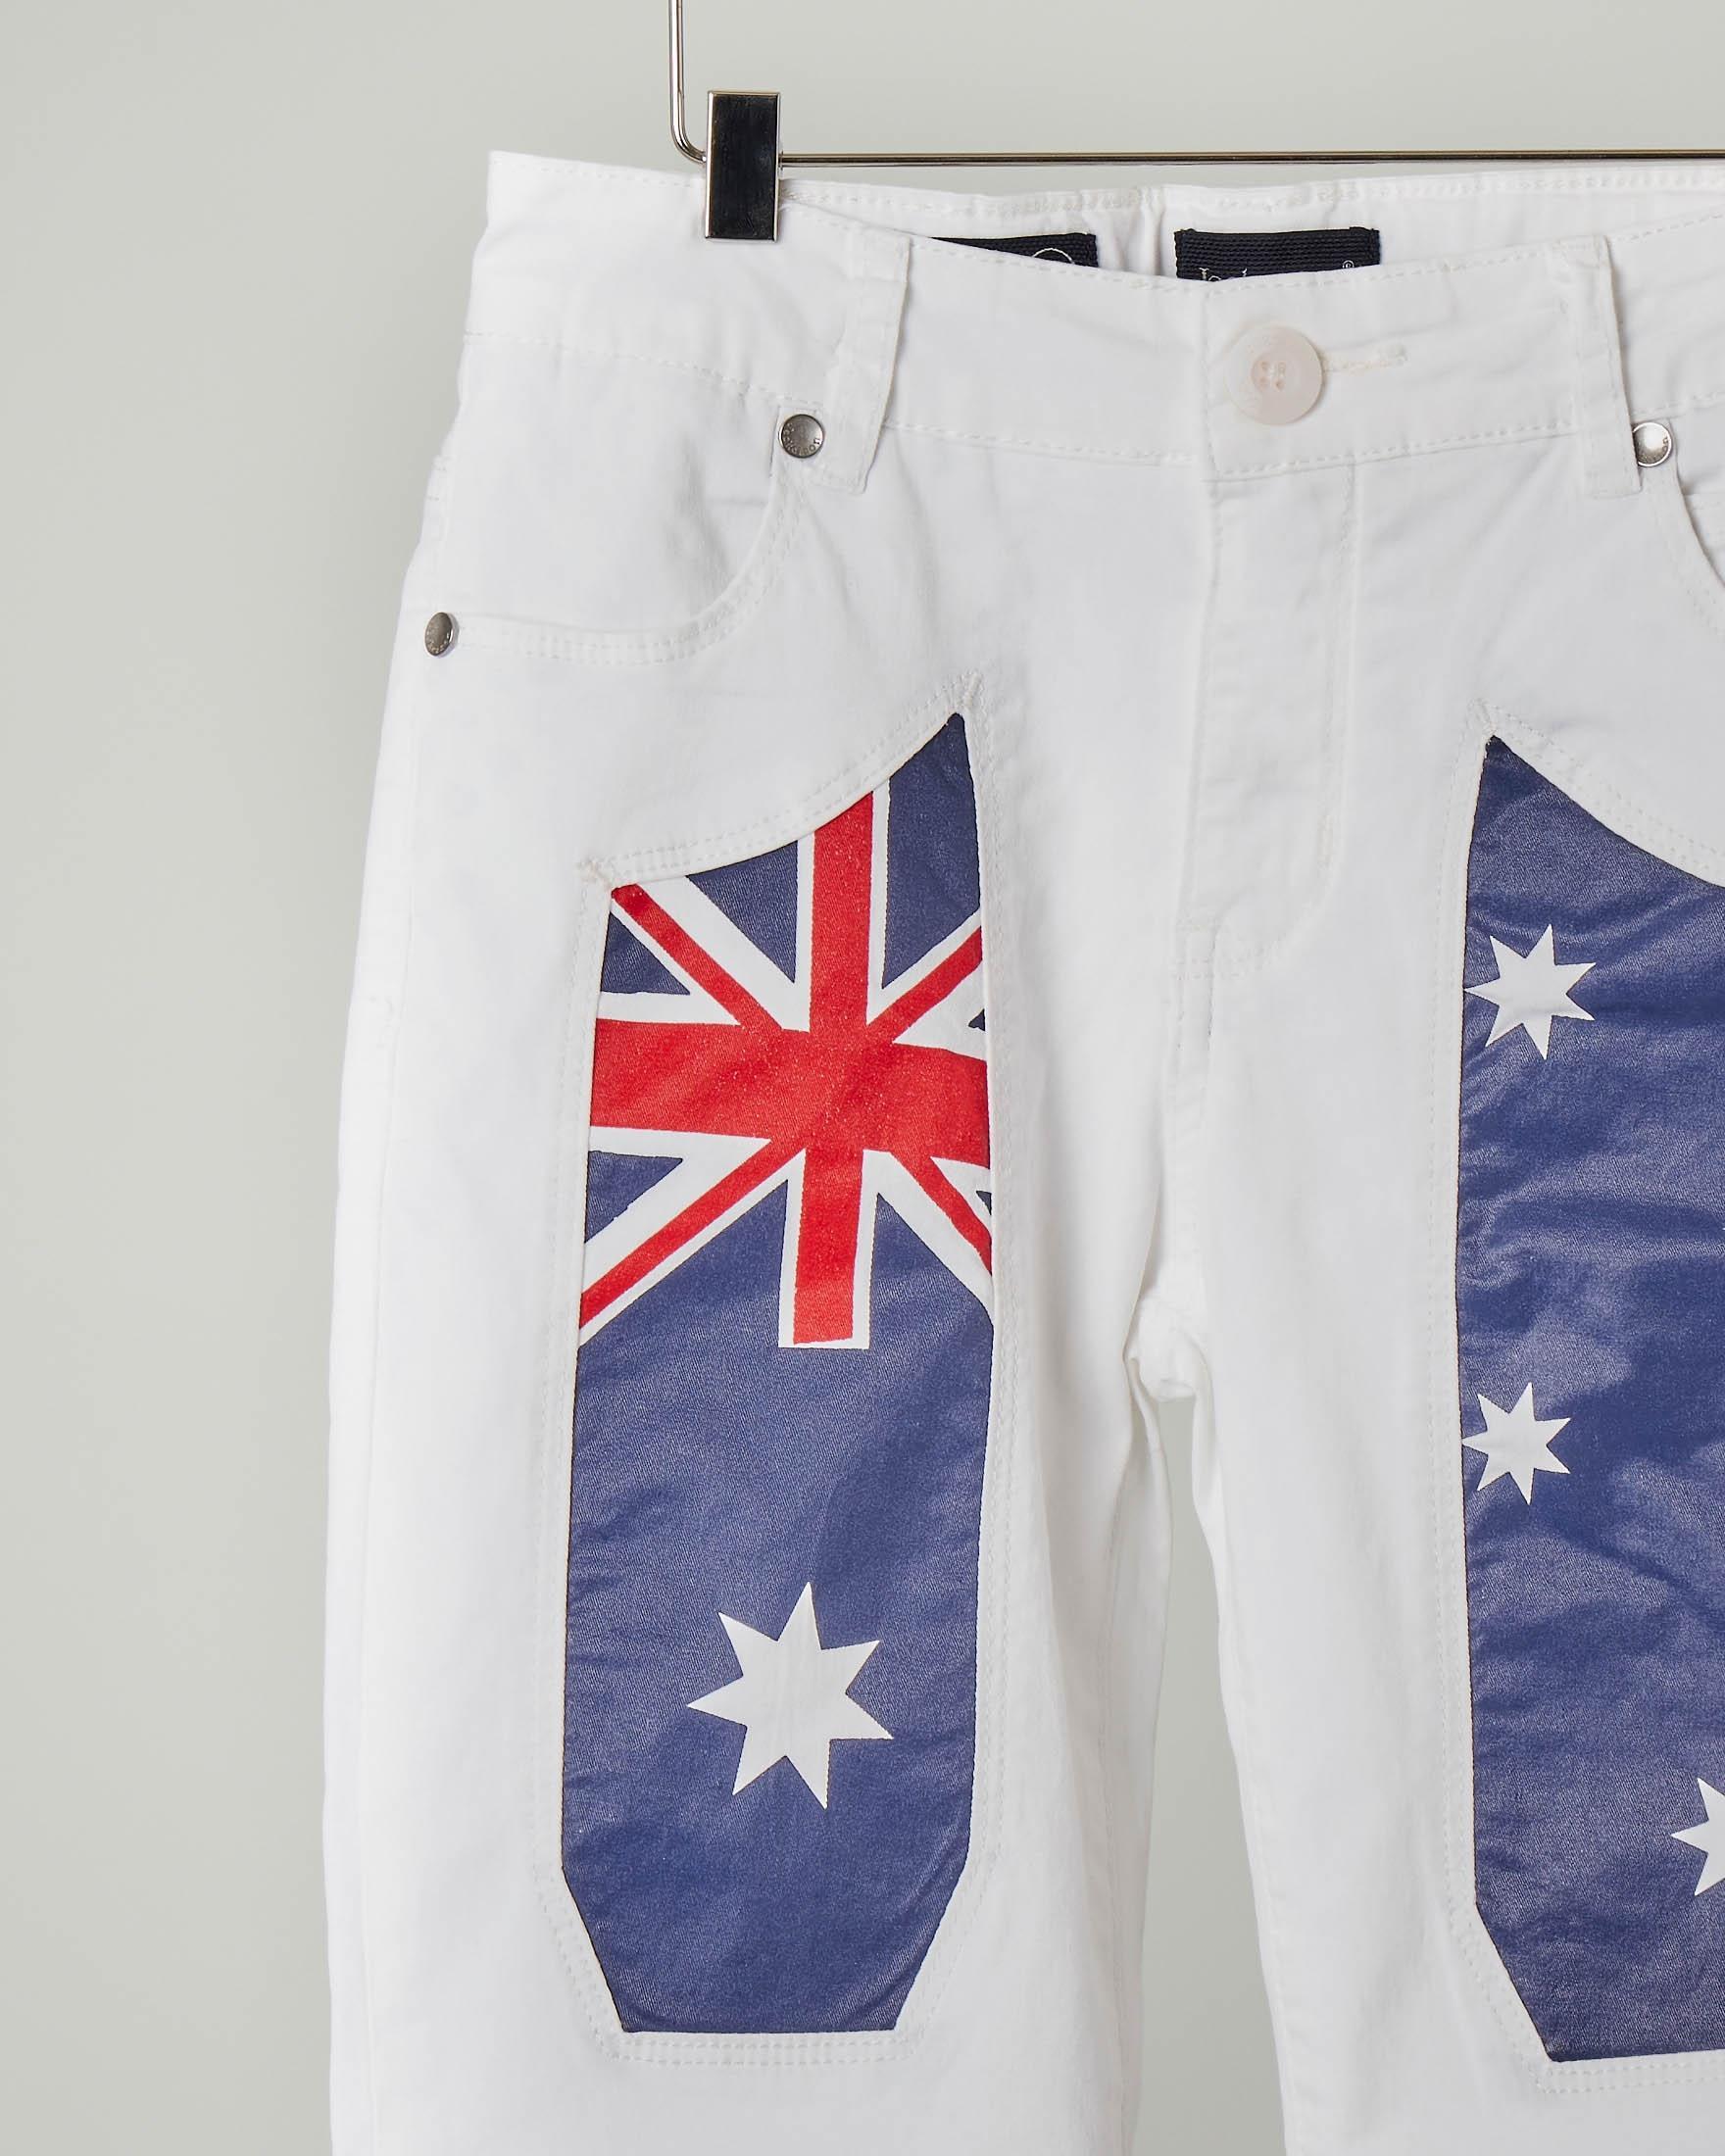 Bermuda bianco con toppa a bandiera